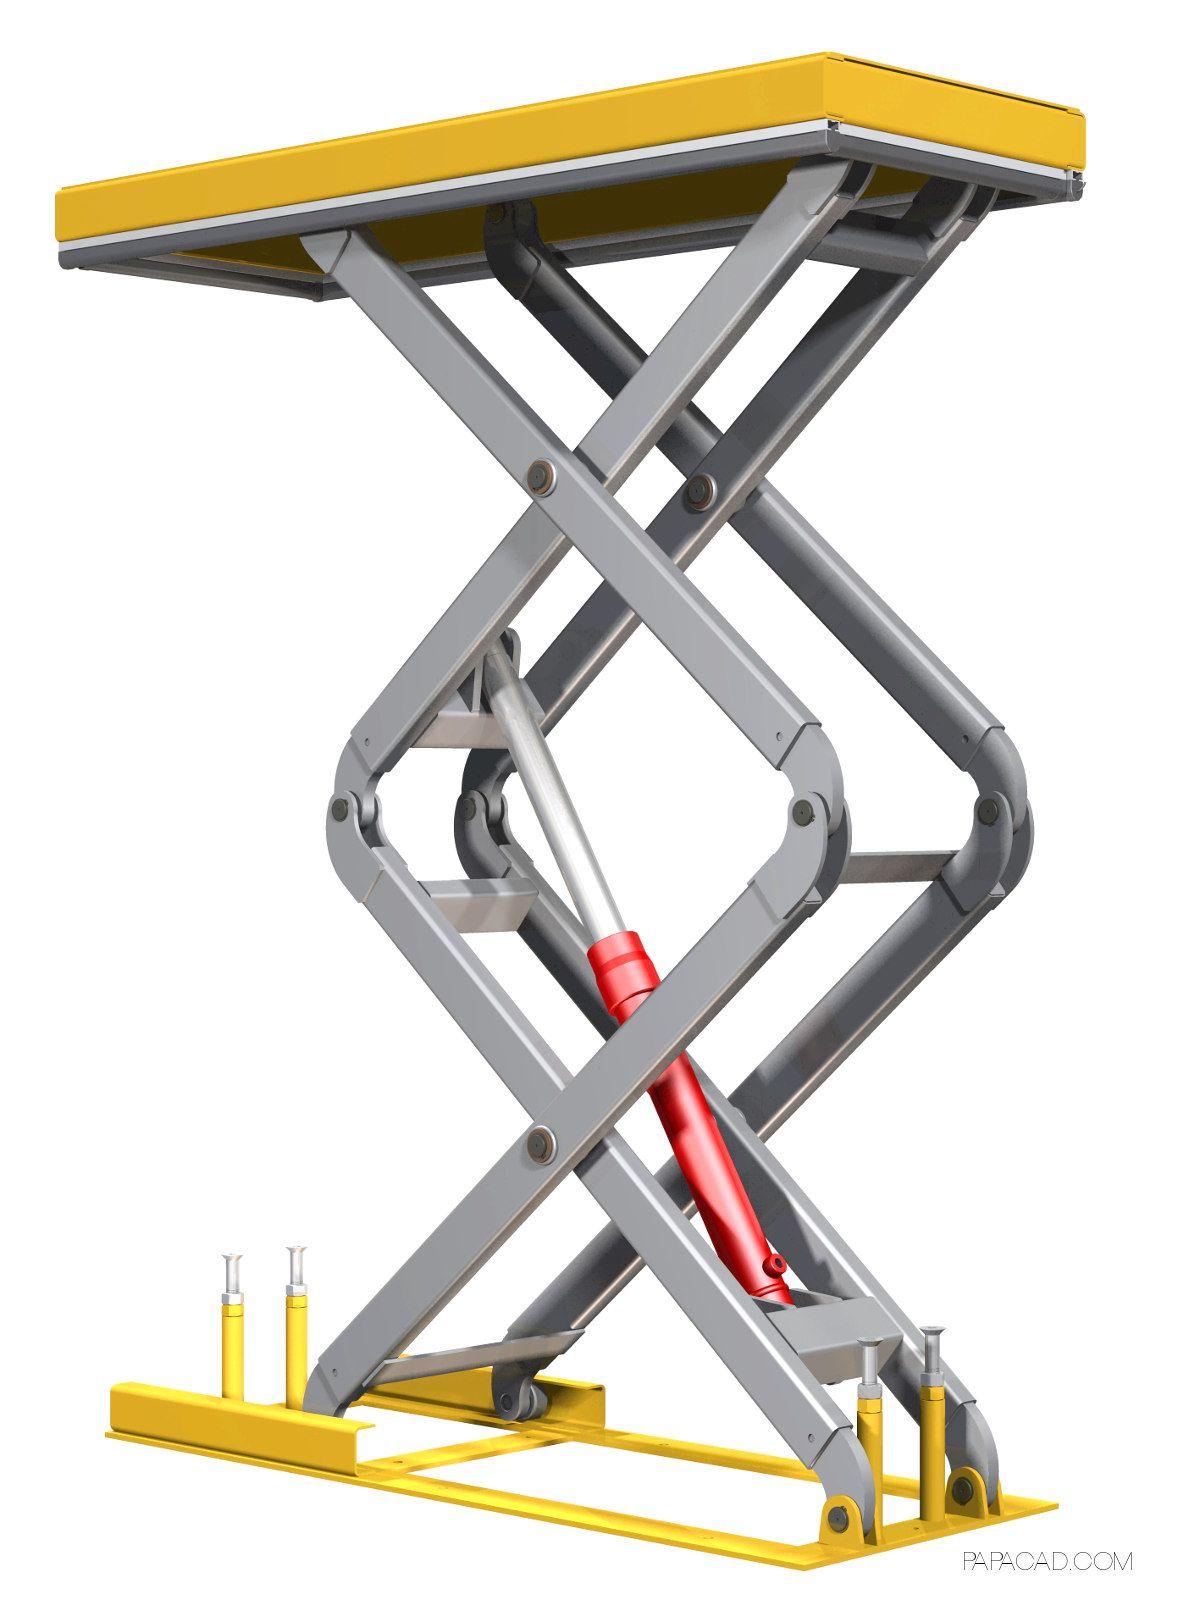 Scissor Lift Design Lift Table Lift Design Scissor Lift